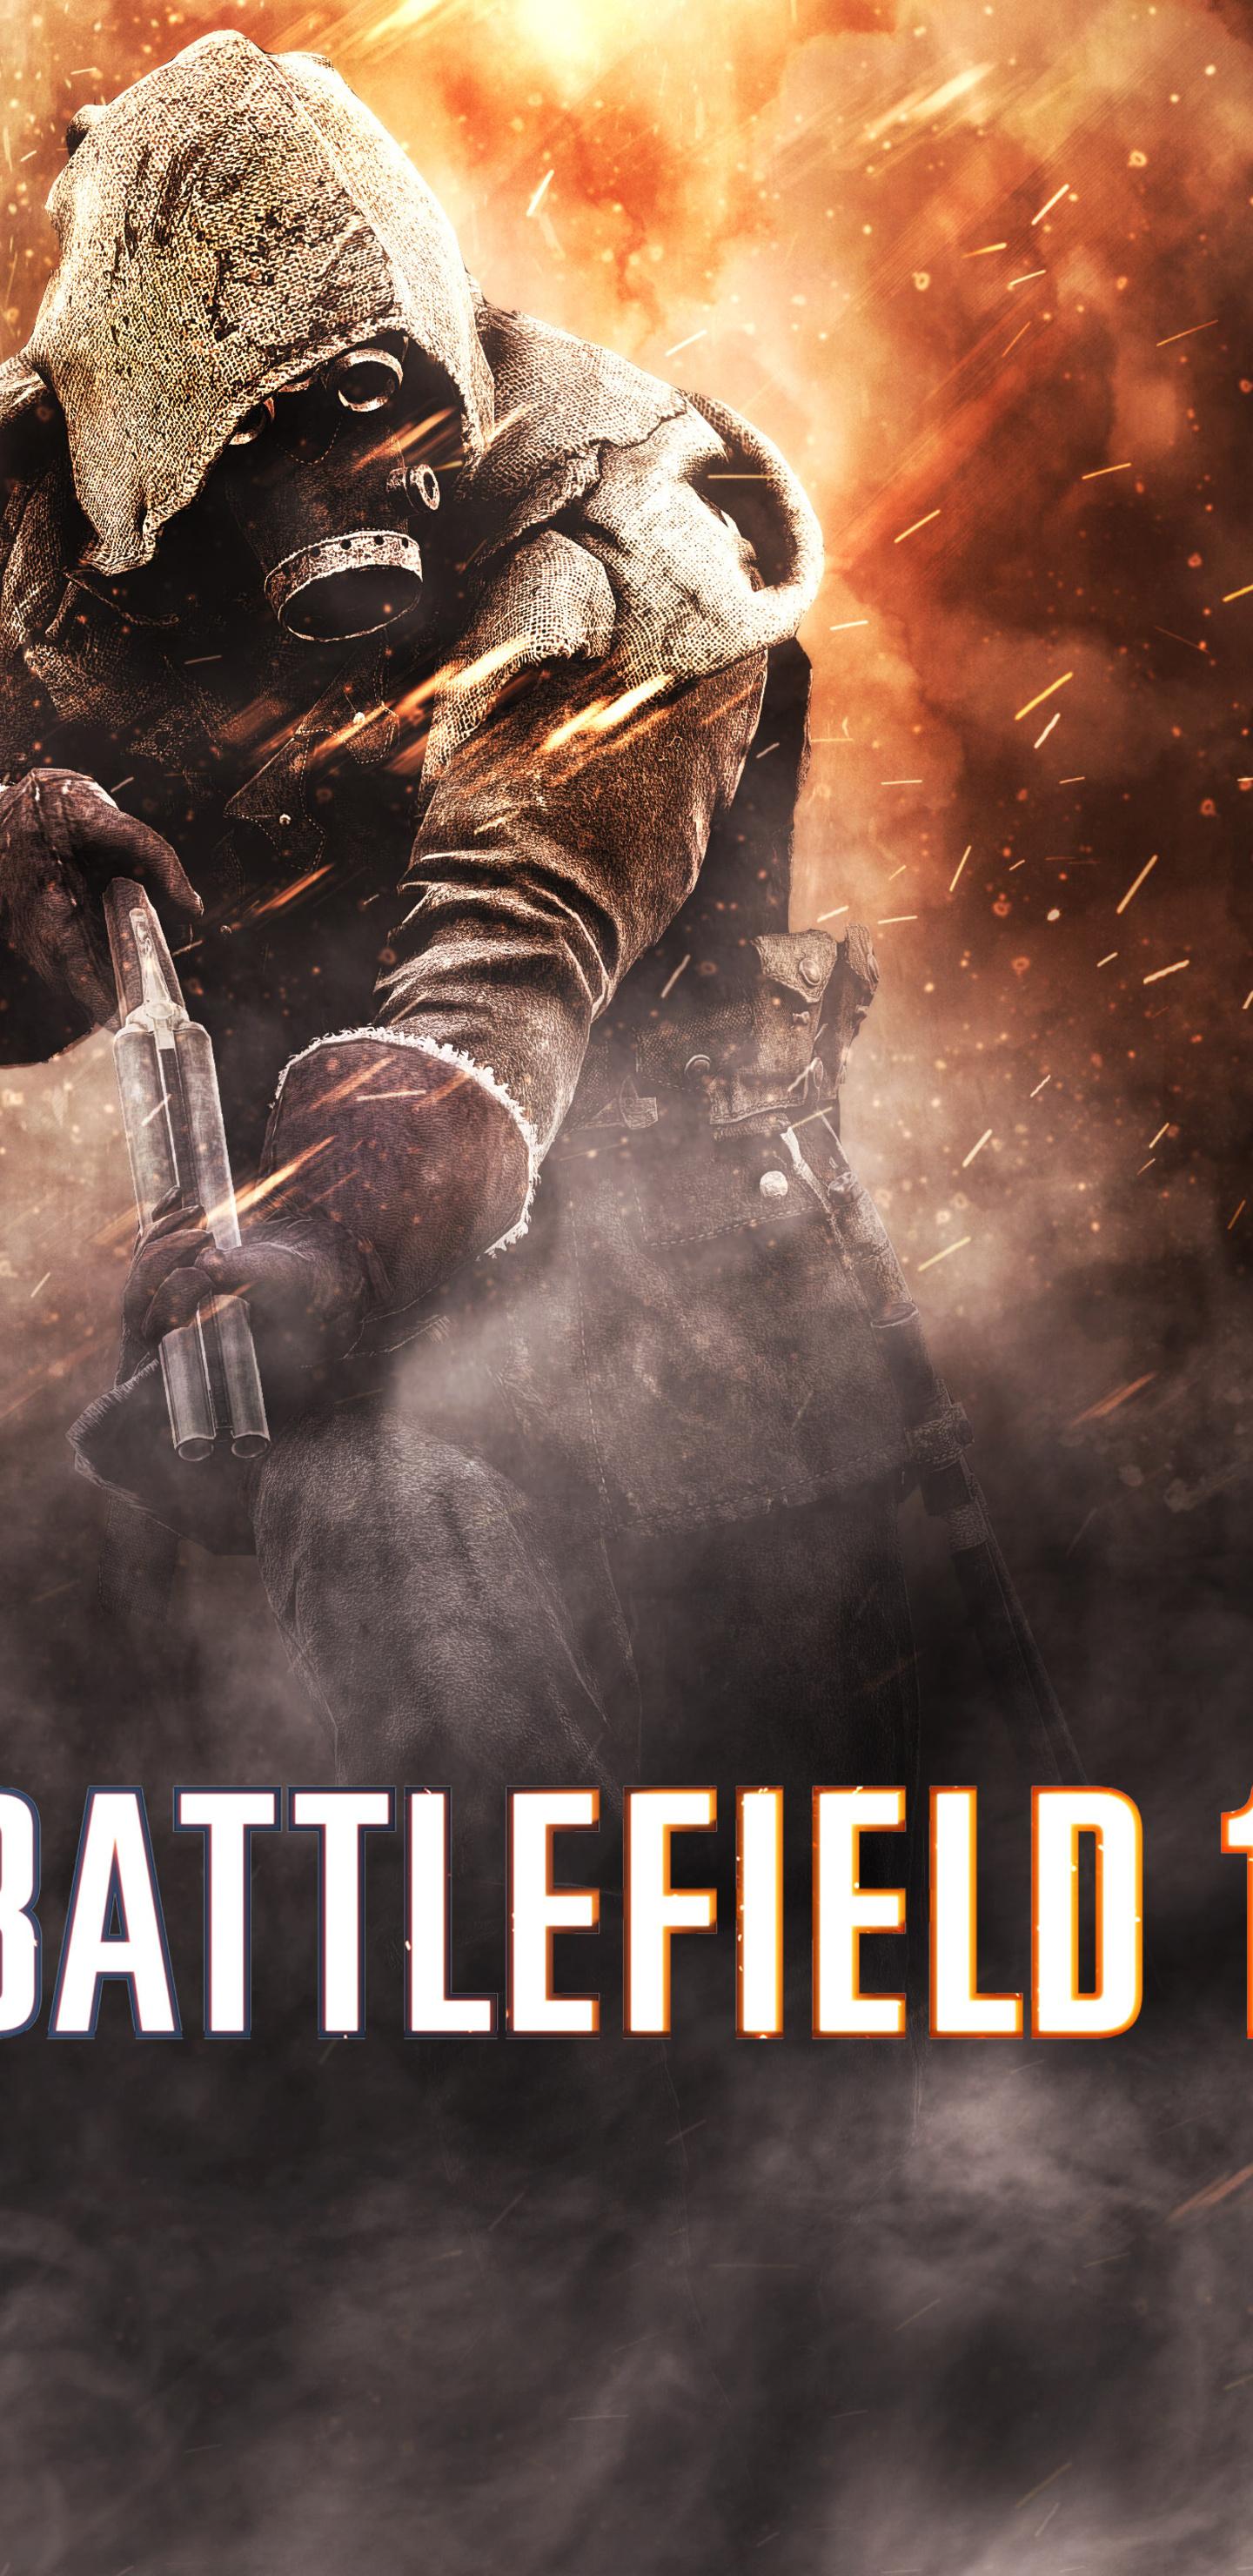 1440x2960 Battlefield 1 Video Game 4k Samsung Galaxy Note 9 8 S9 S8